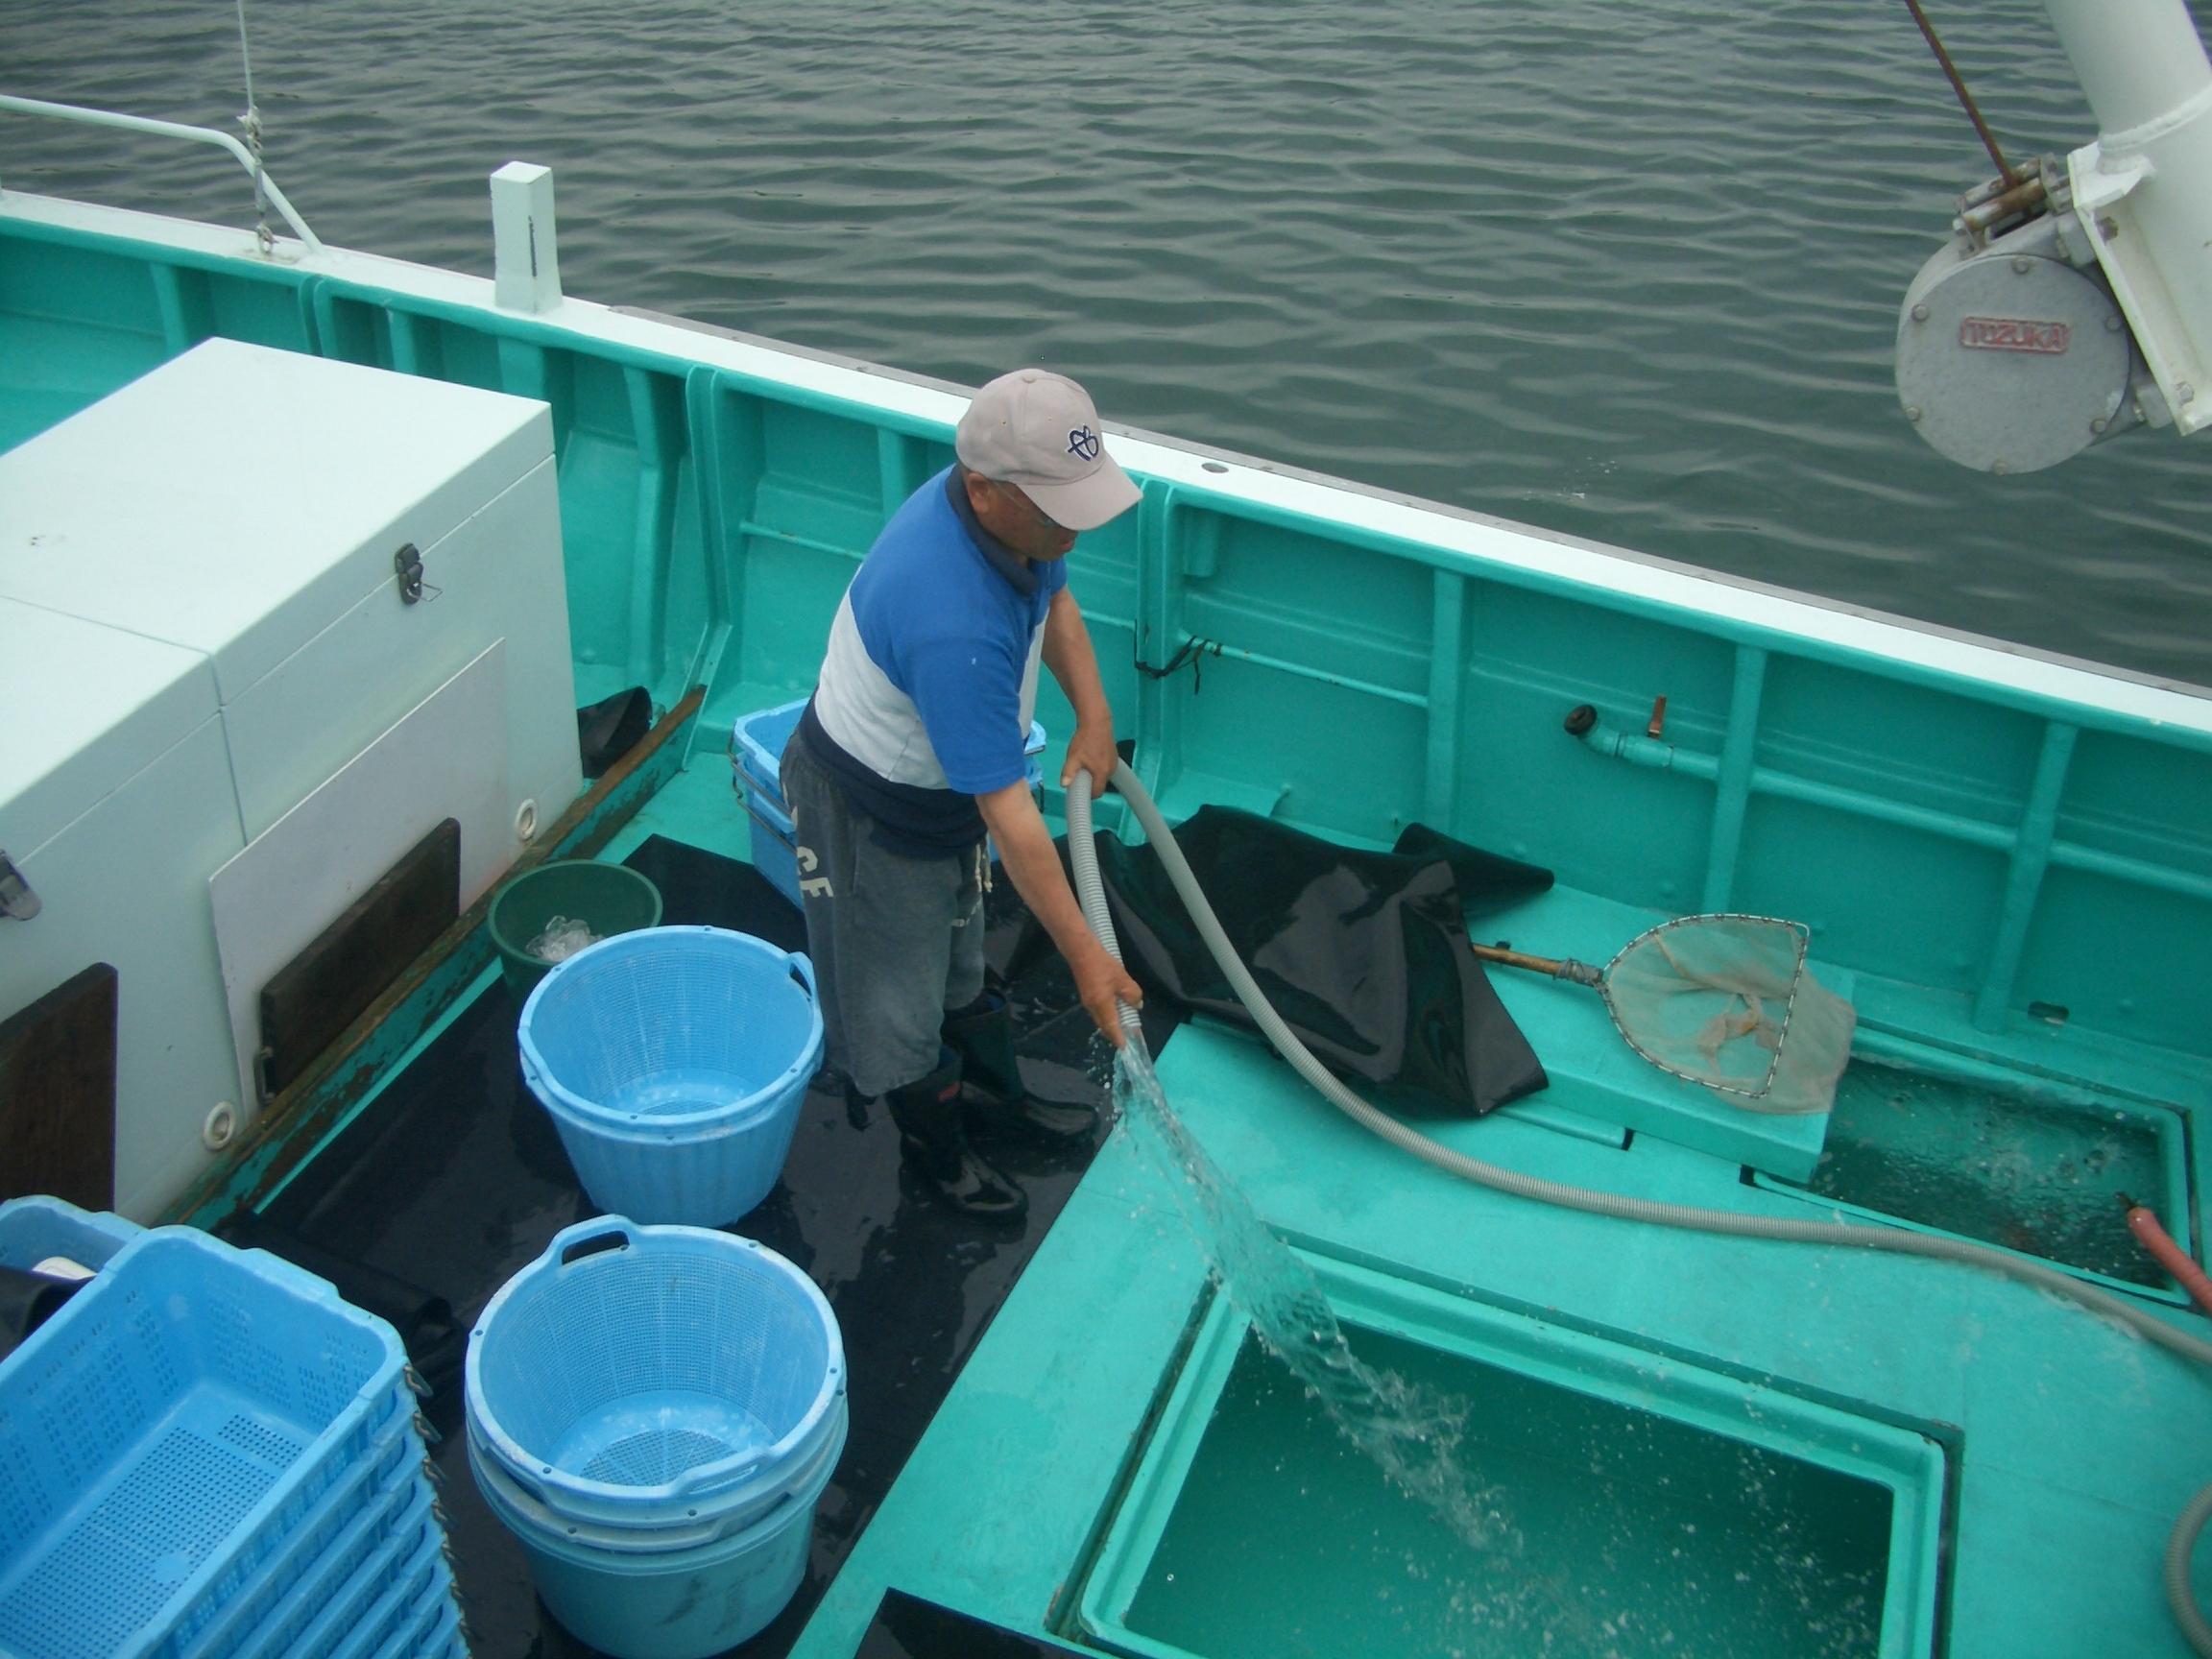 鯛、ヒラメ、メバル、五目釣りなら釣り船敬栄丸へ 豊かな漁場、茨城県日立市の川尻港で釣り体験を楽しめます。初心者安心の釣竿レンタルあり!